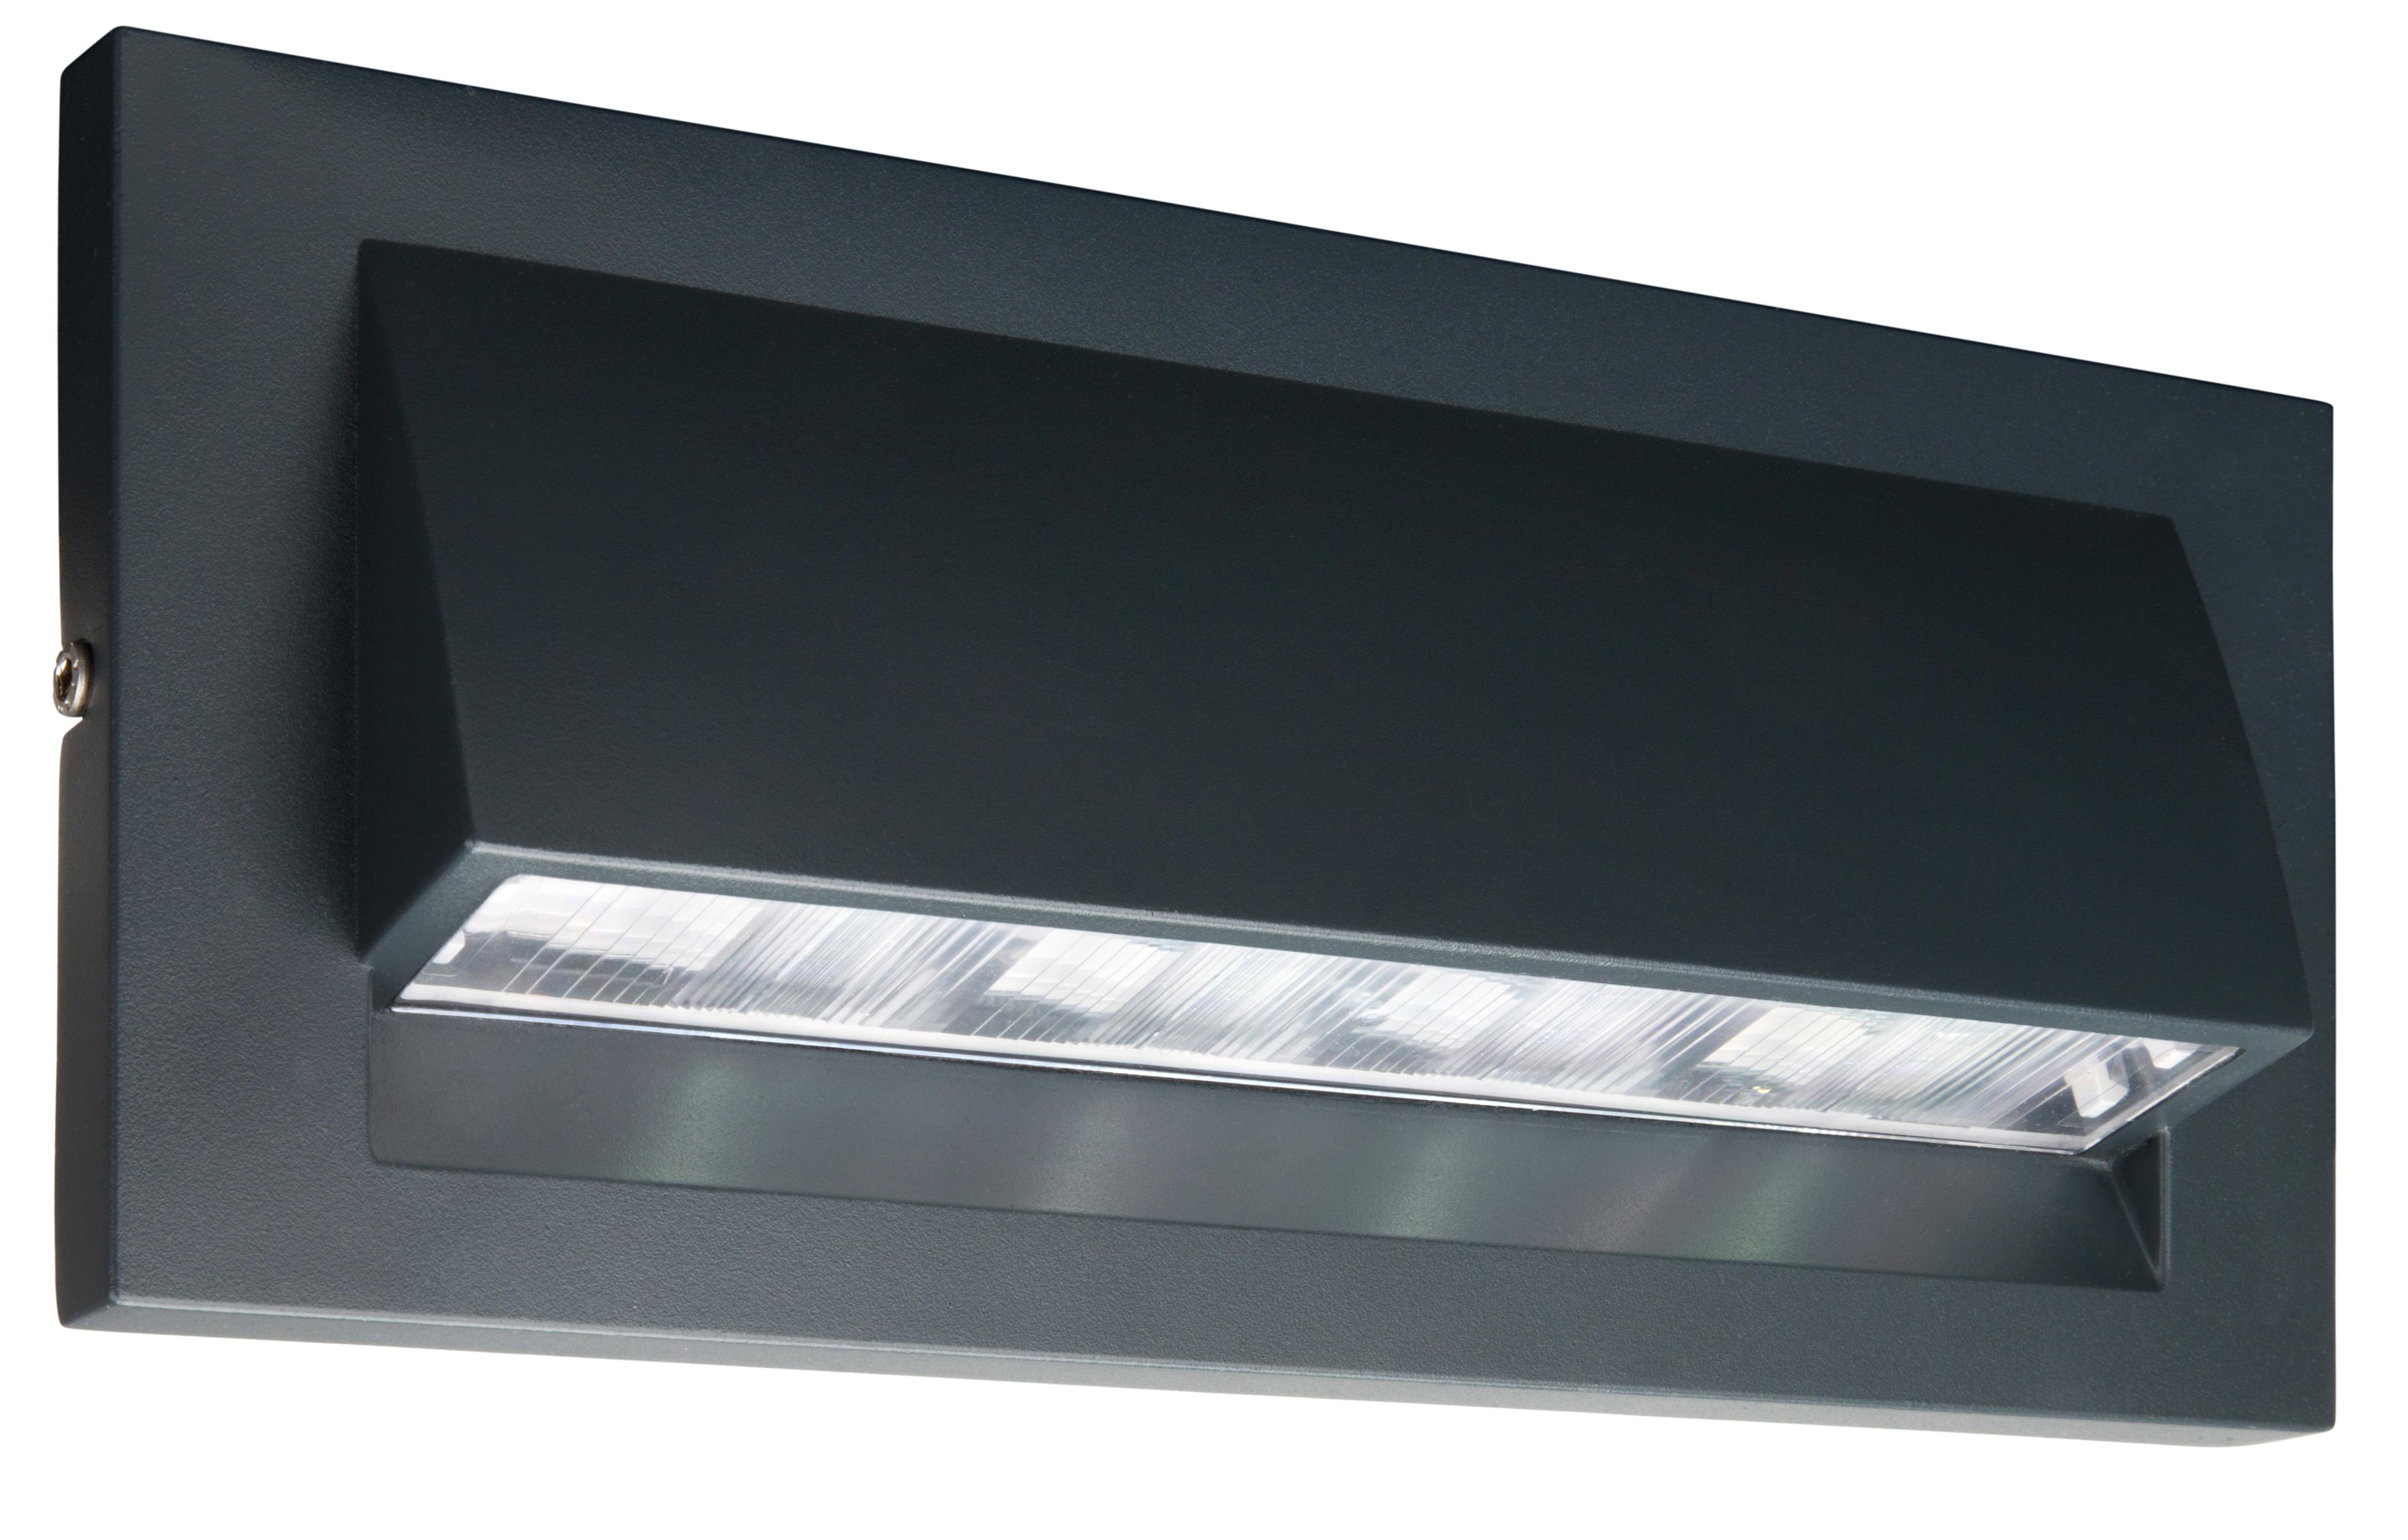 1 Stk Notleuchte ZAA Wireless LED 8h 230VAC Wandmontage NLZAA008WL